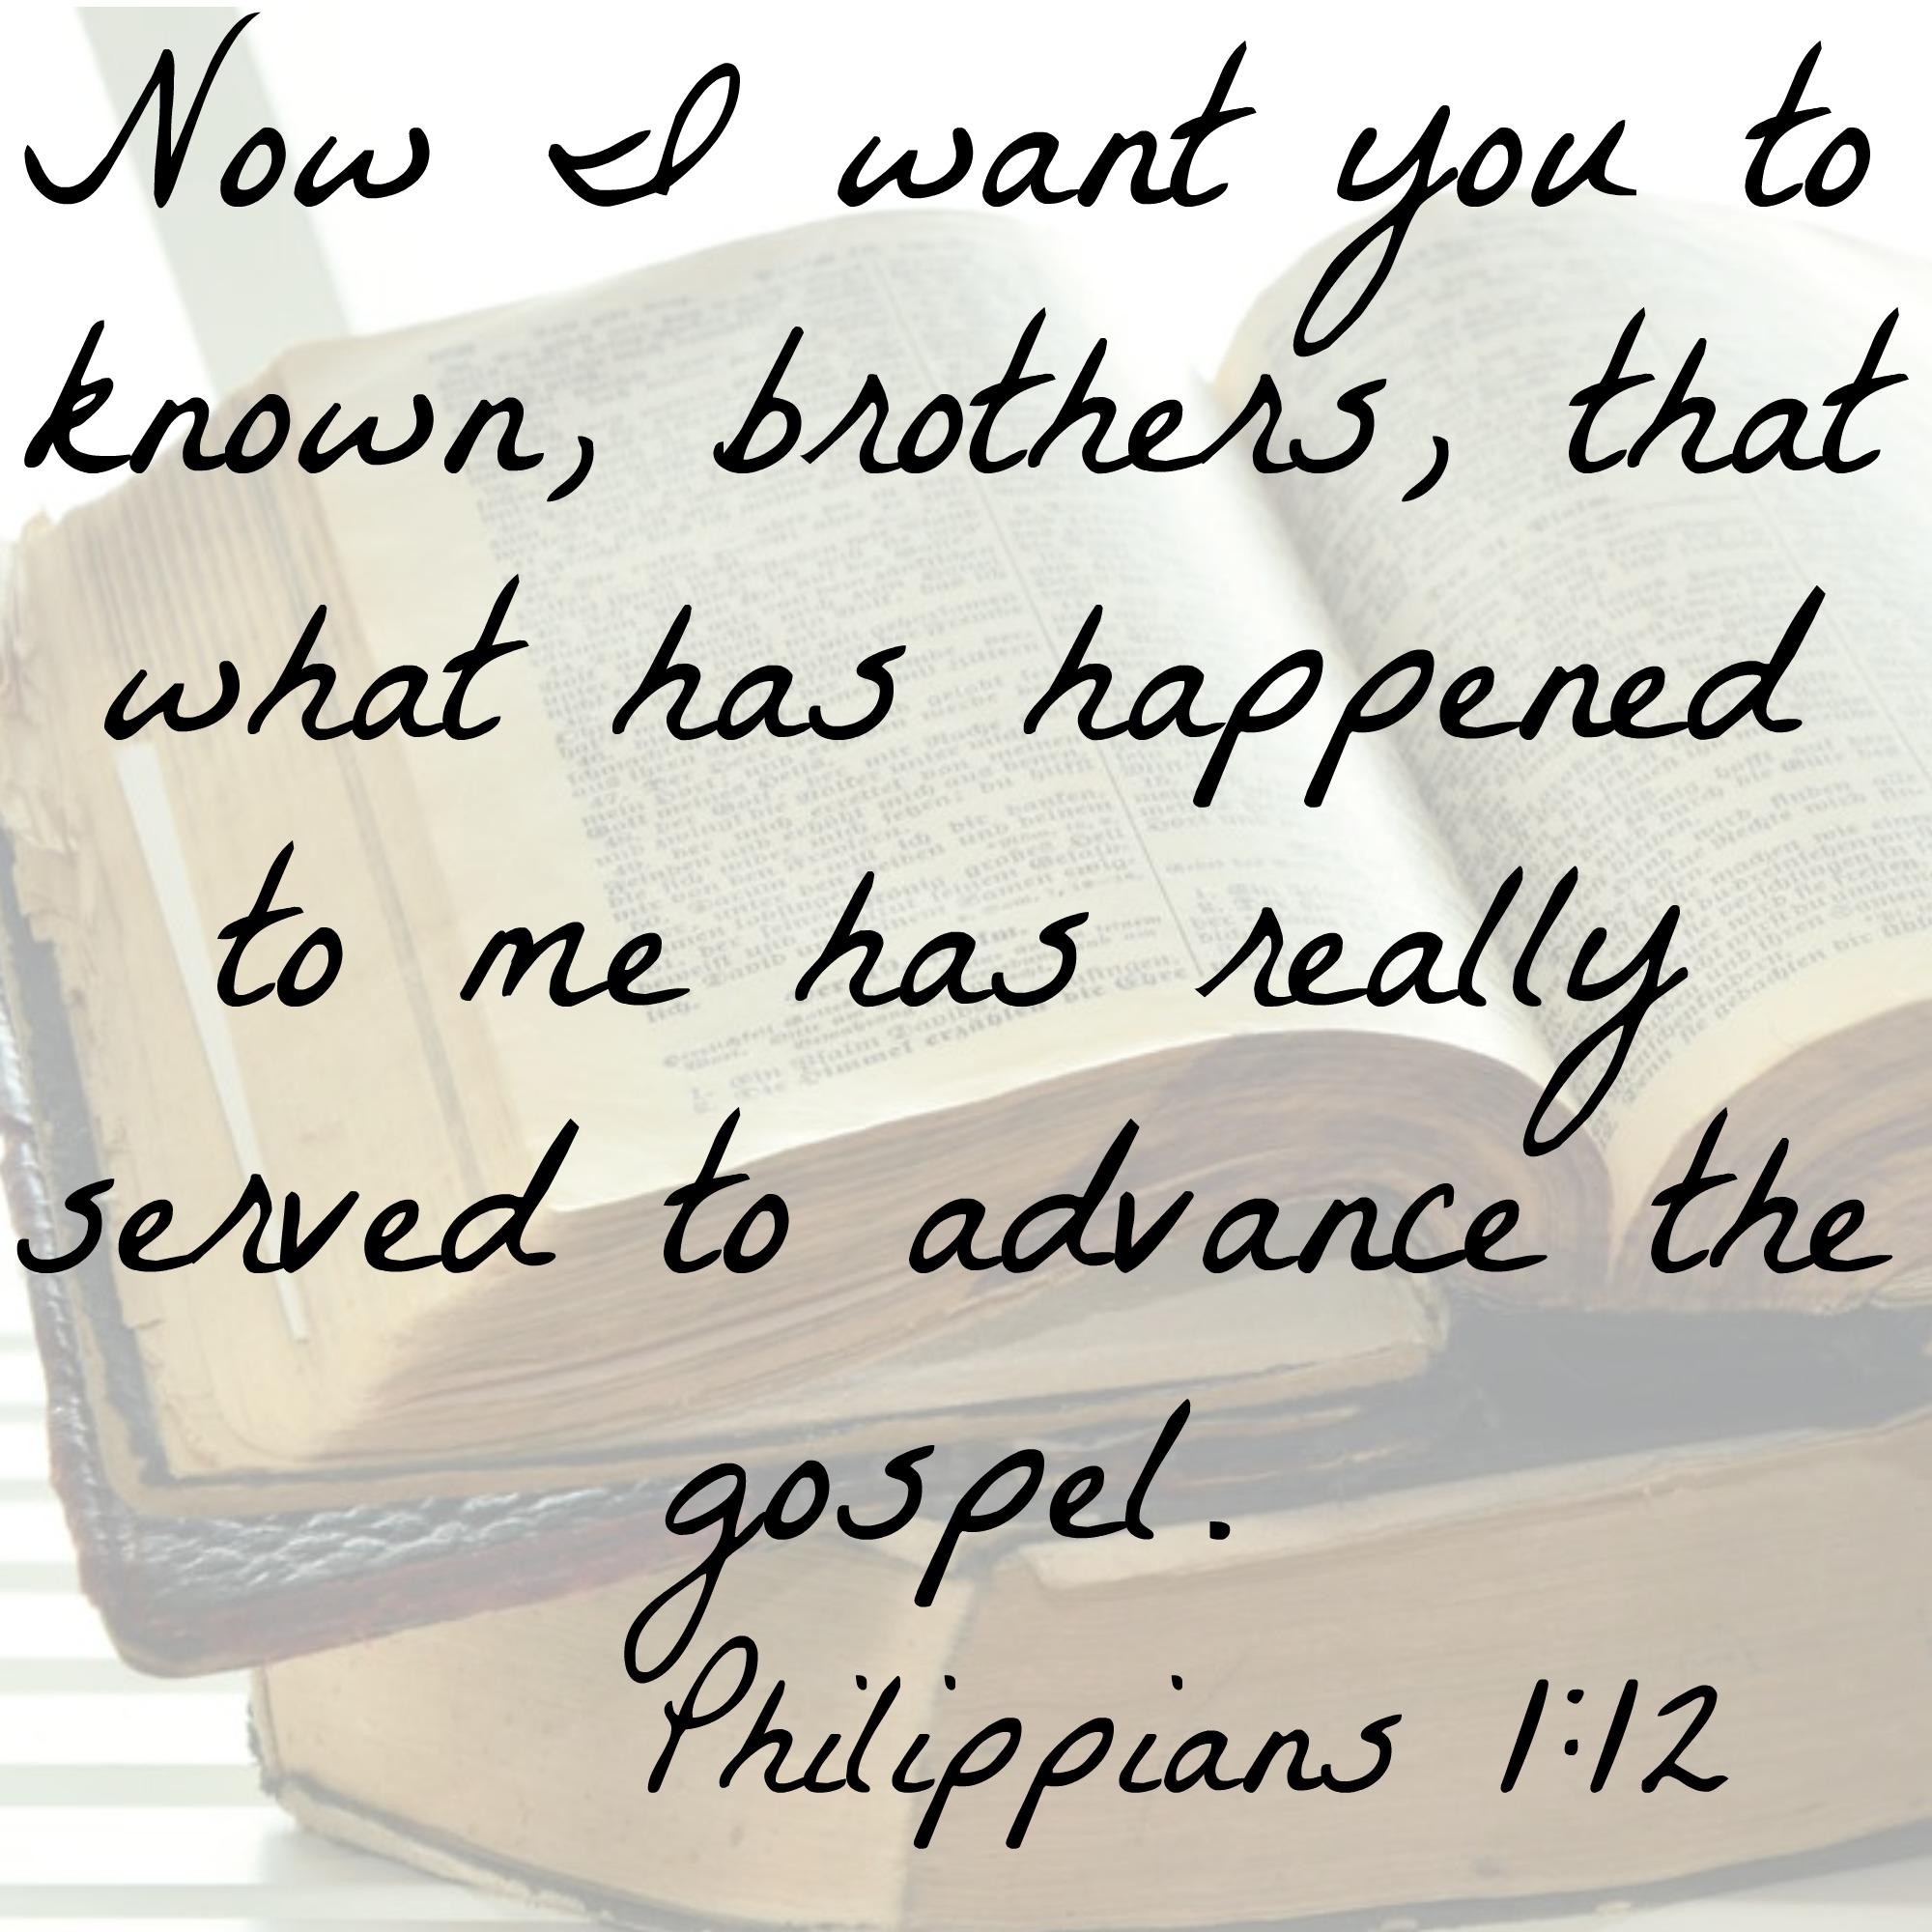 Philippians112